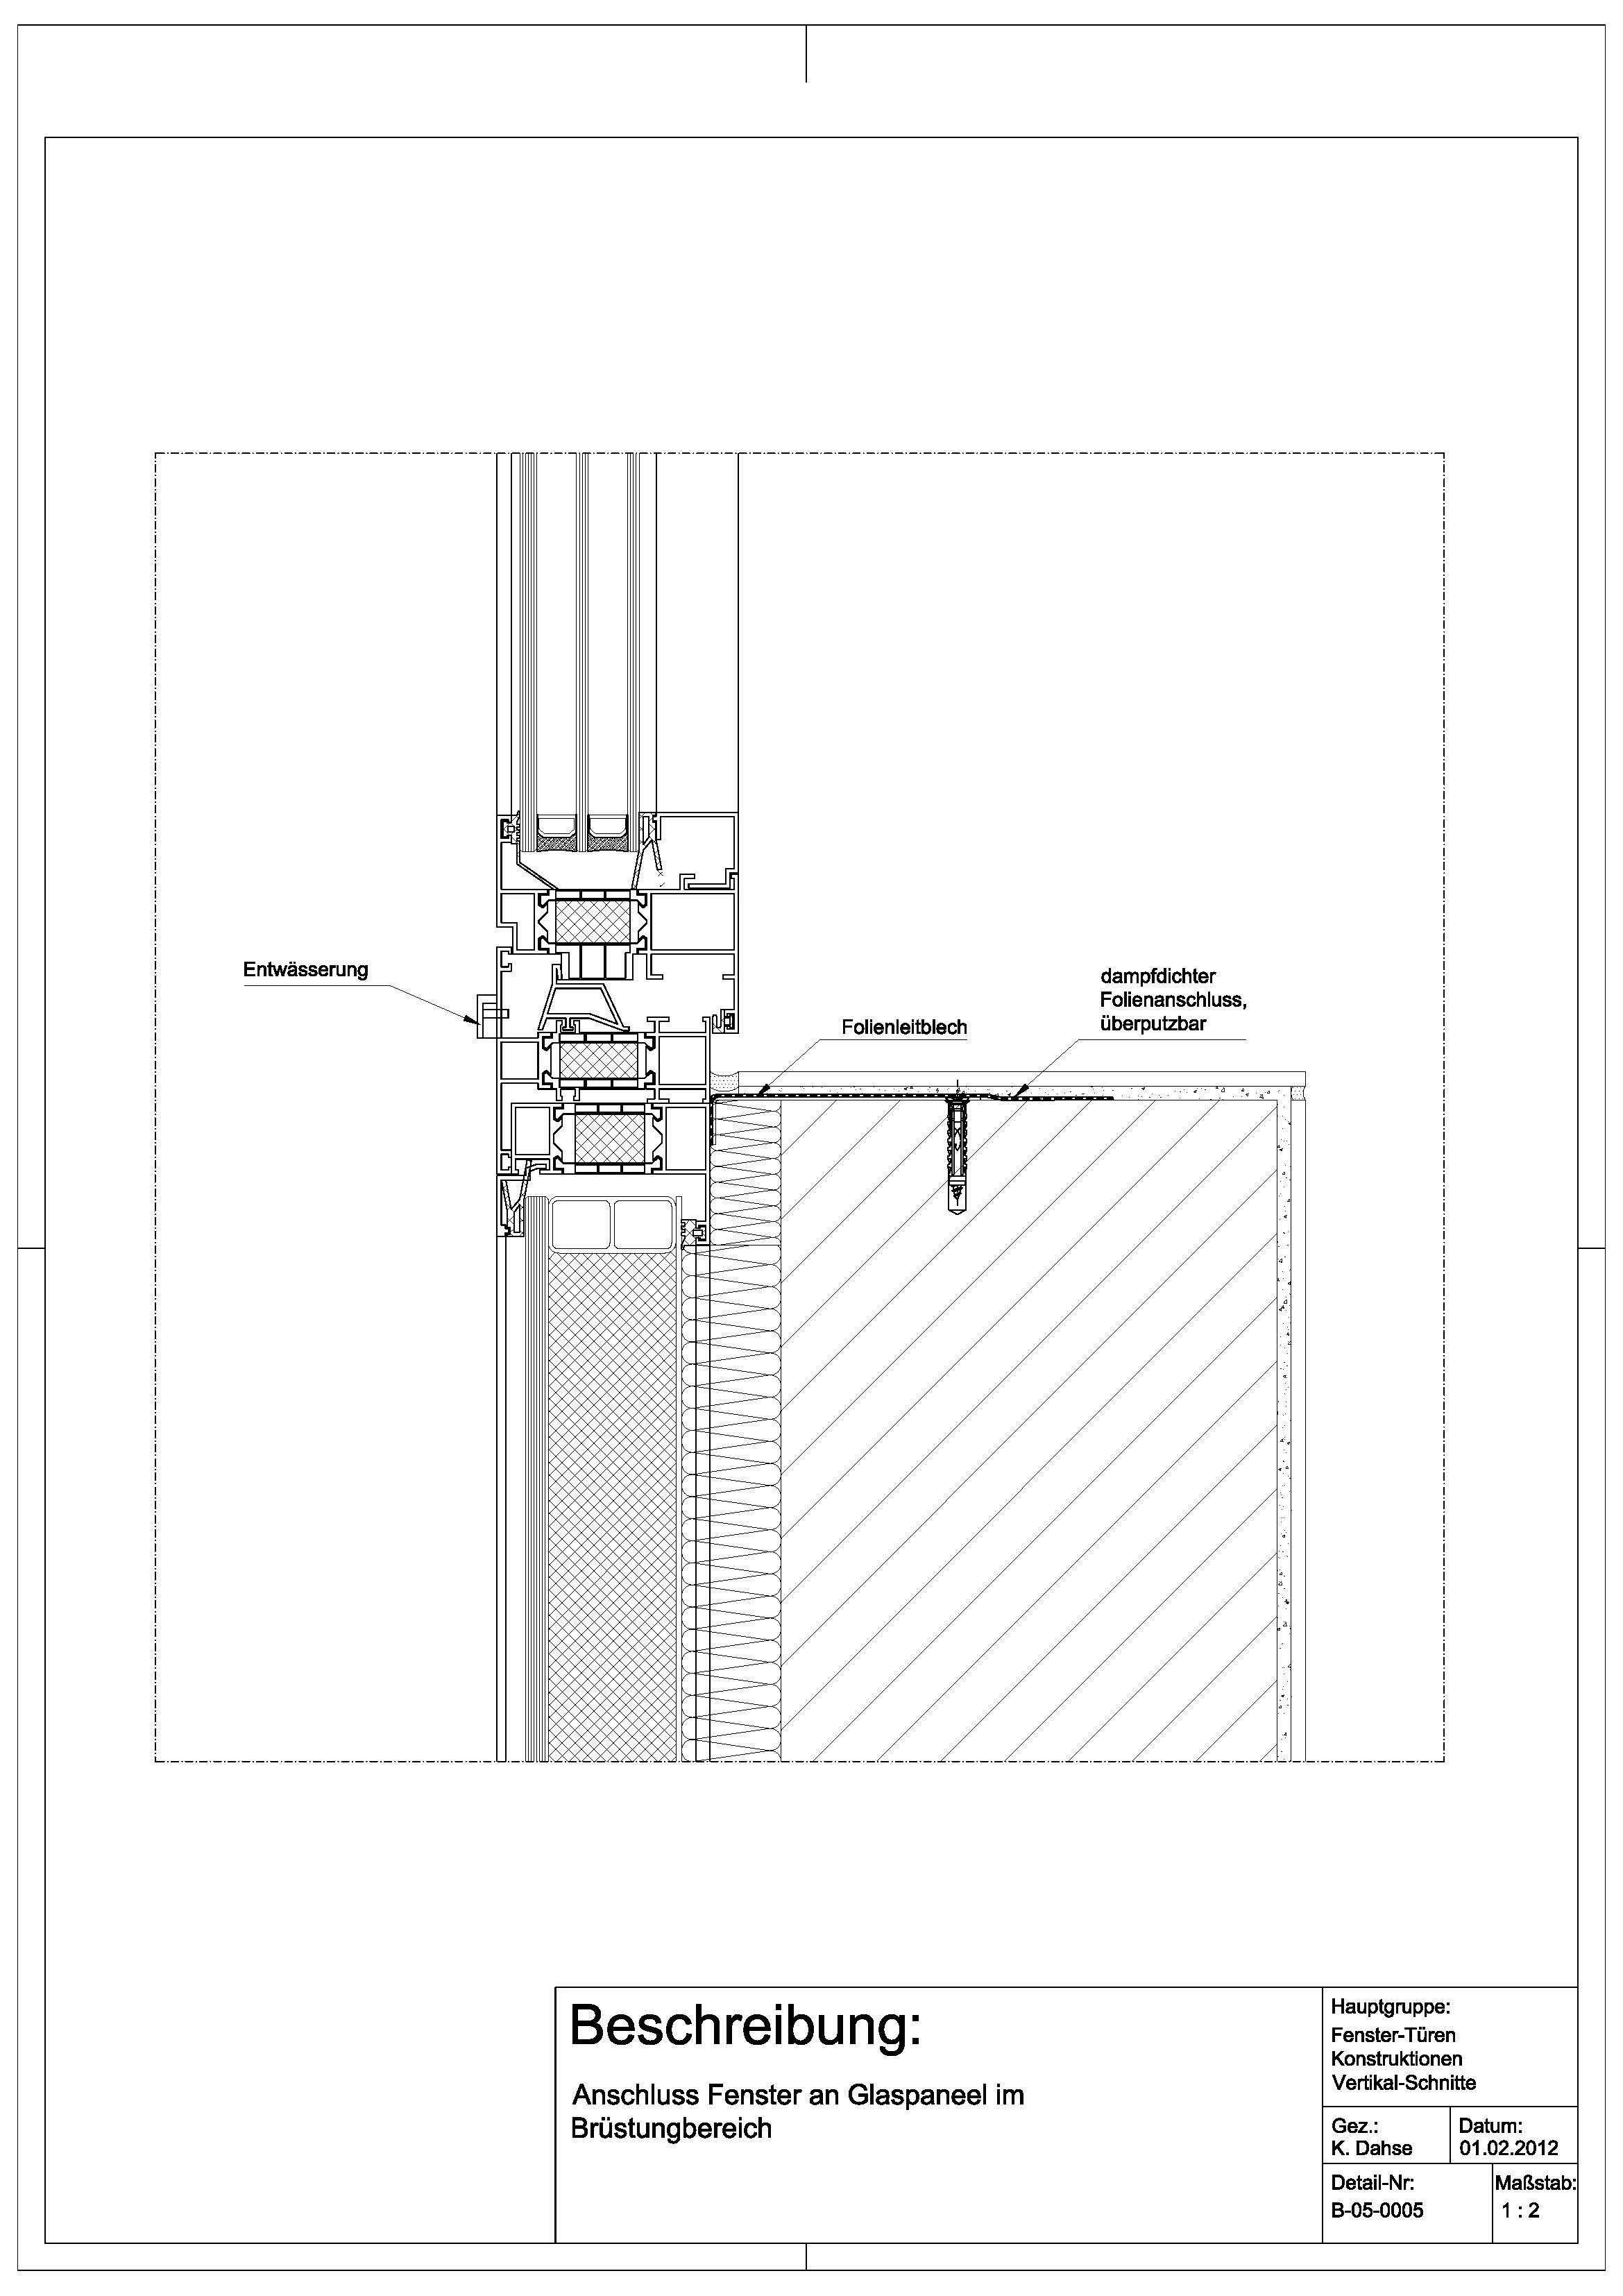 Tür vertikalschnitt  B-05-0005 Anschluss Fenster an Glaspaneel im Brüstungsbereich ...